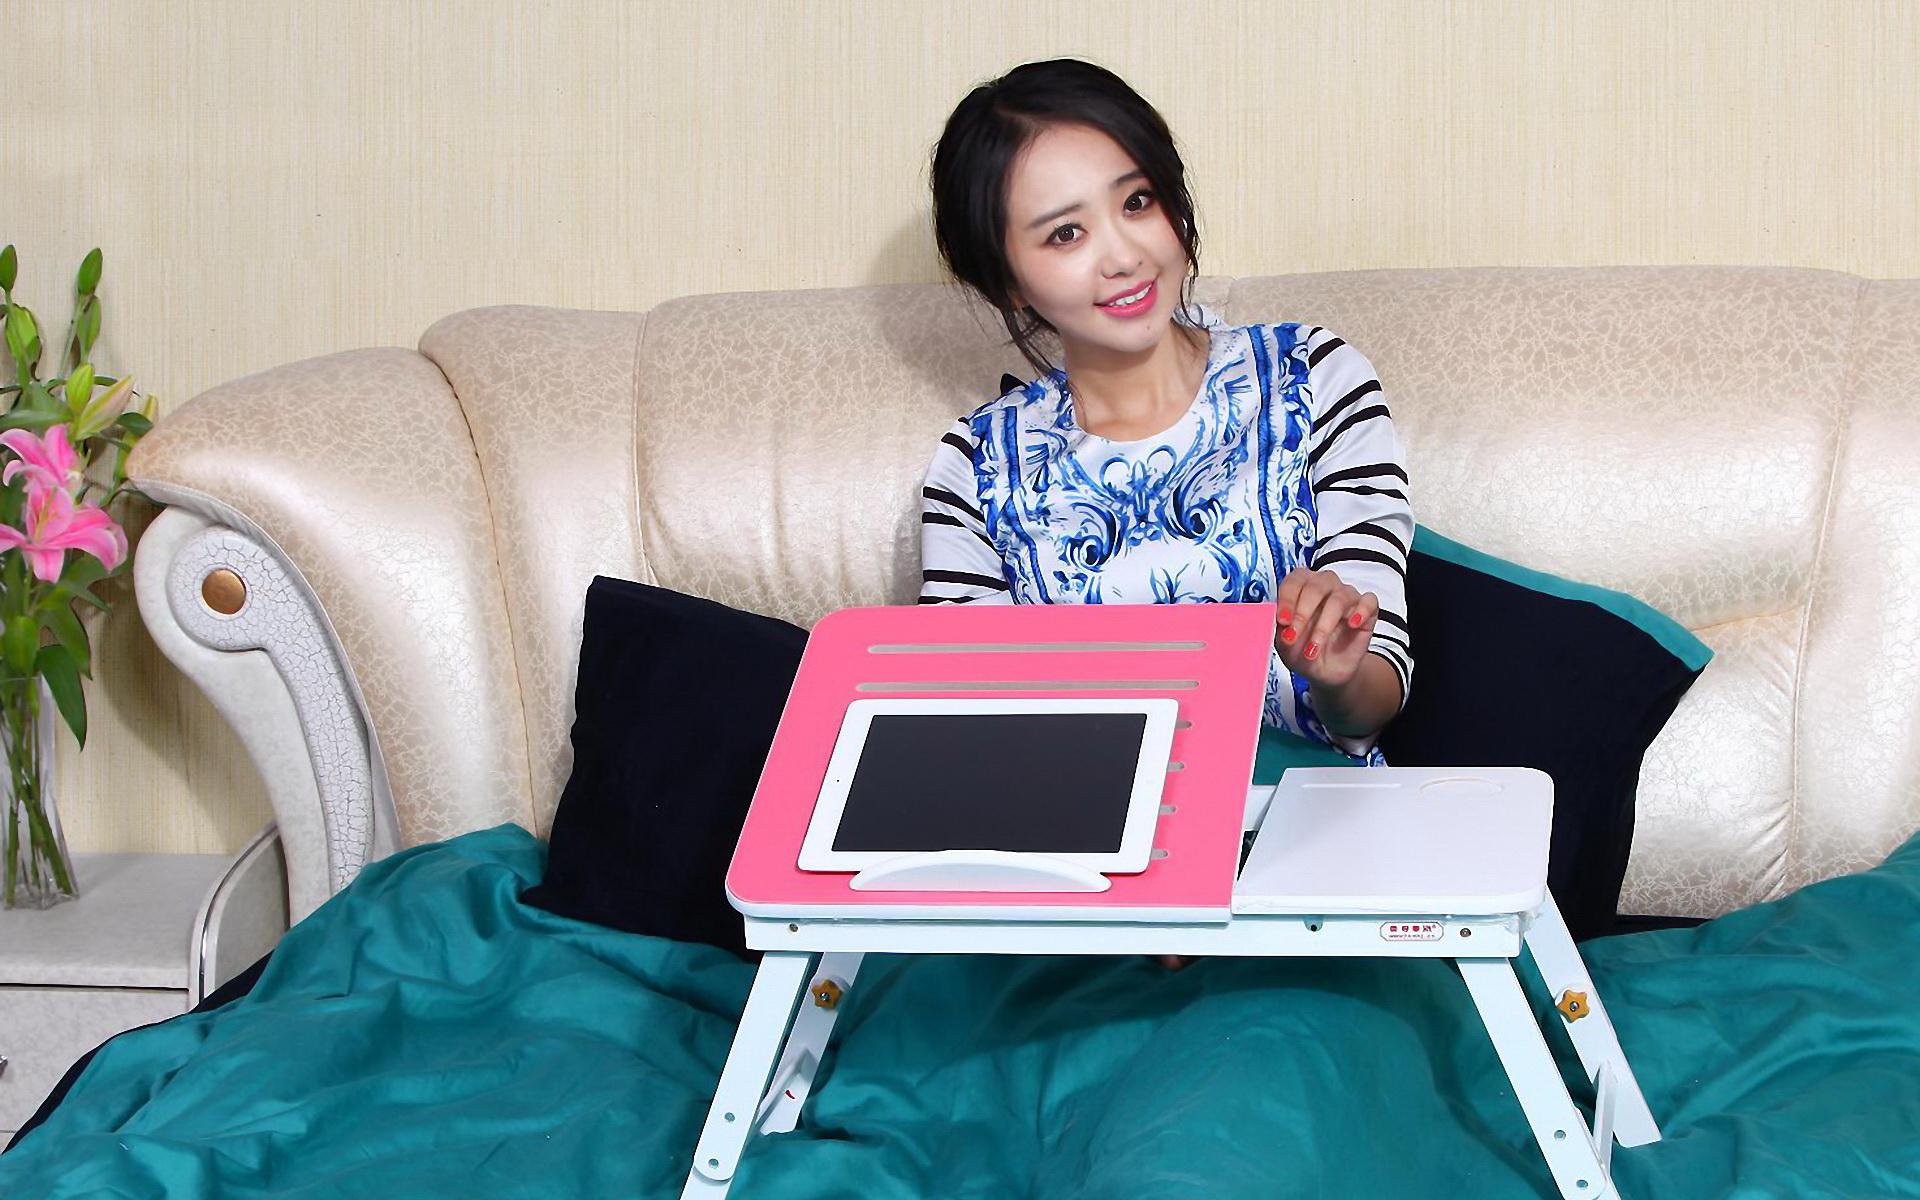 中国女明星孙耀琦桌面(1920x1200)壁纸-桌面